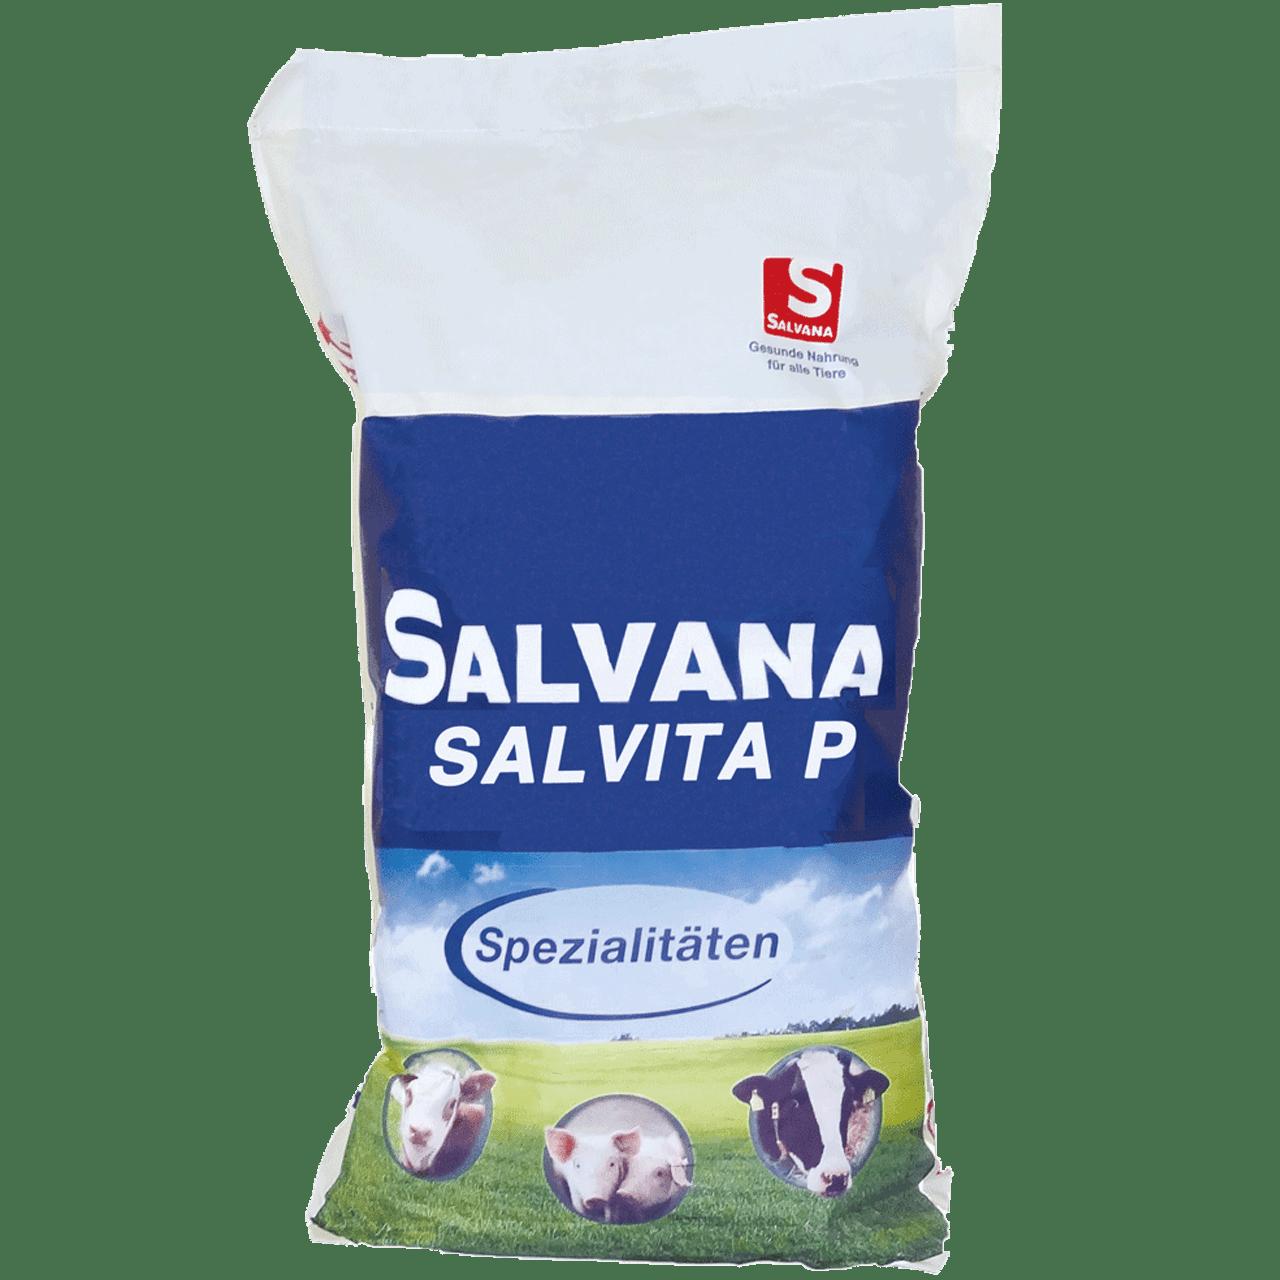 SALVANA SALVITA P